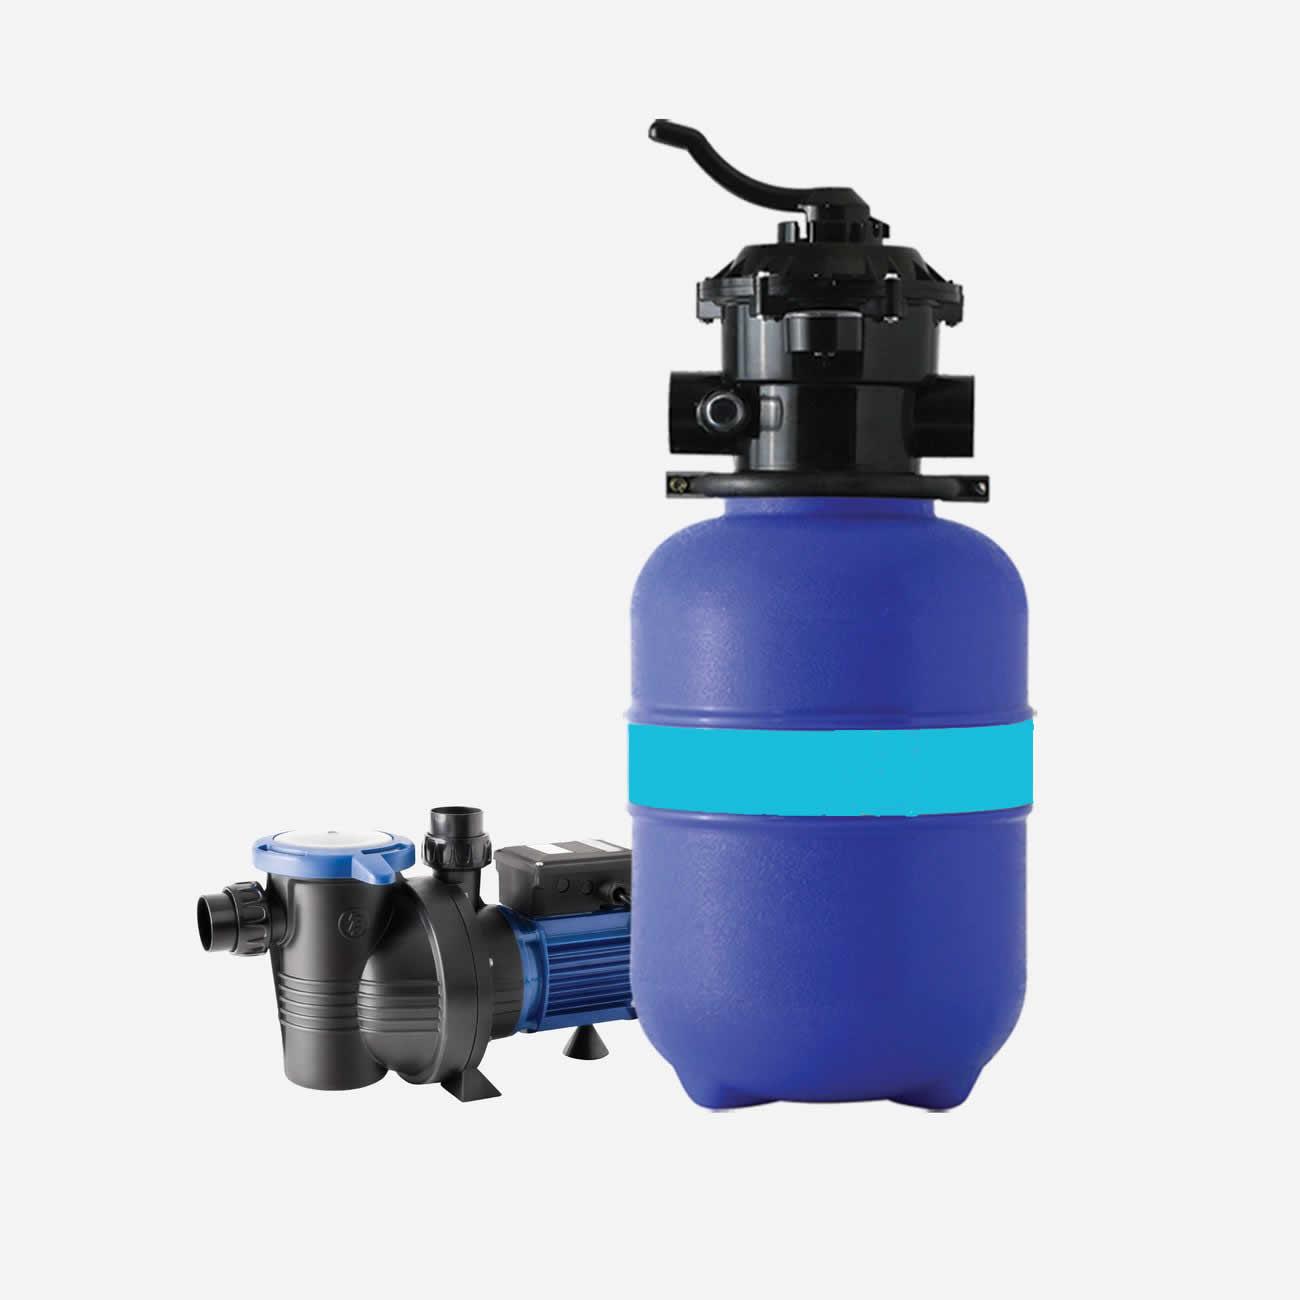 Orçamento para filtros de água no Rio e Grande Rio